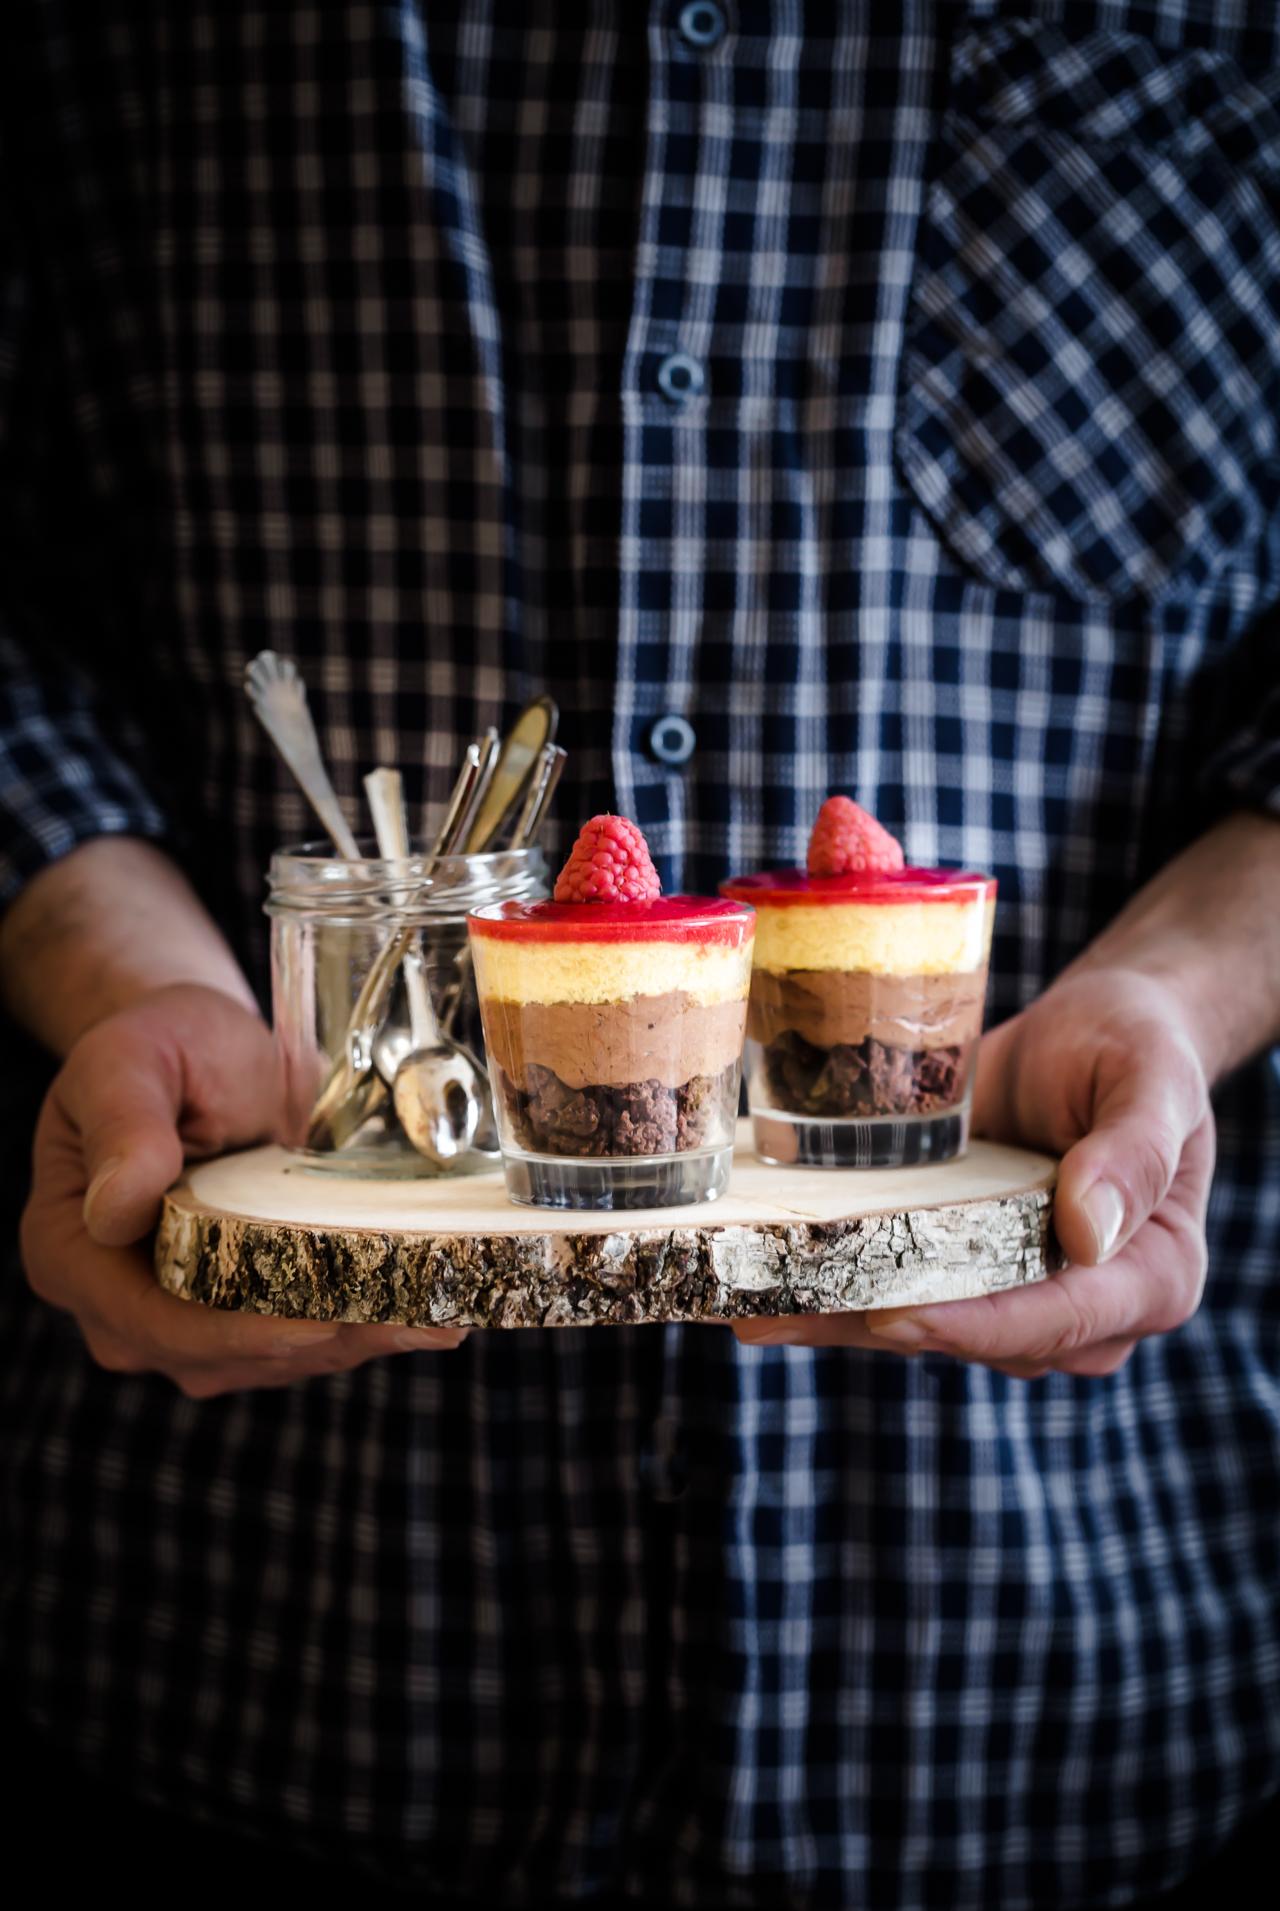 crumble al cioccolato e lamponi - dolce al cucchiaio - dessert - Ricette Bake Off Italia - Elettrodomestici Electrolux - Electrolux e Bake Off Italia - chocolate and raspberry crumble -